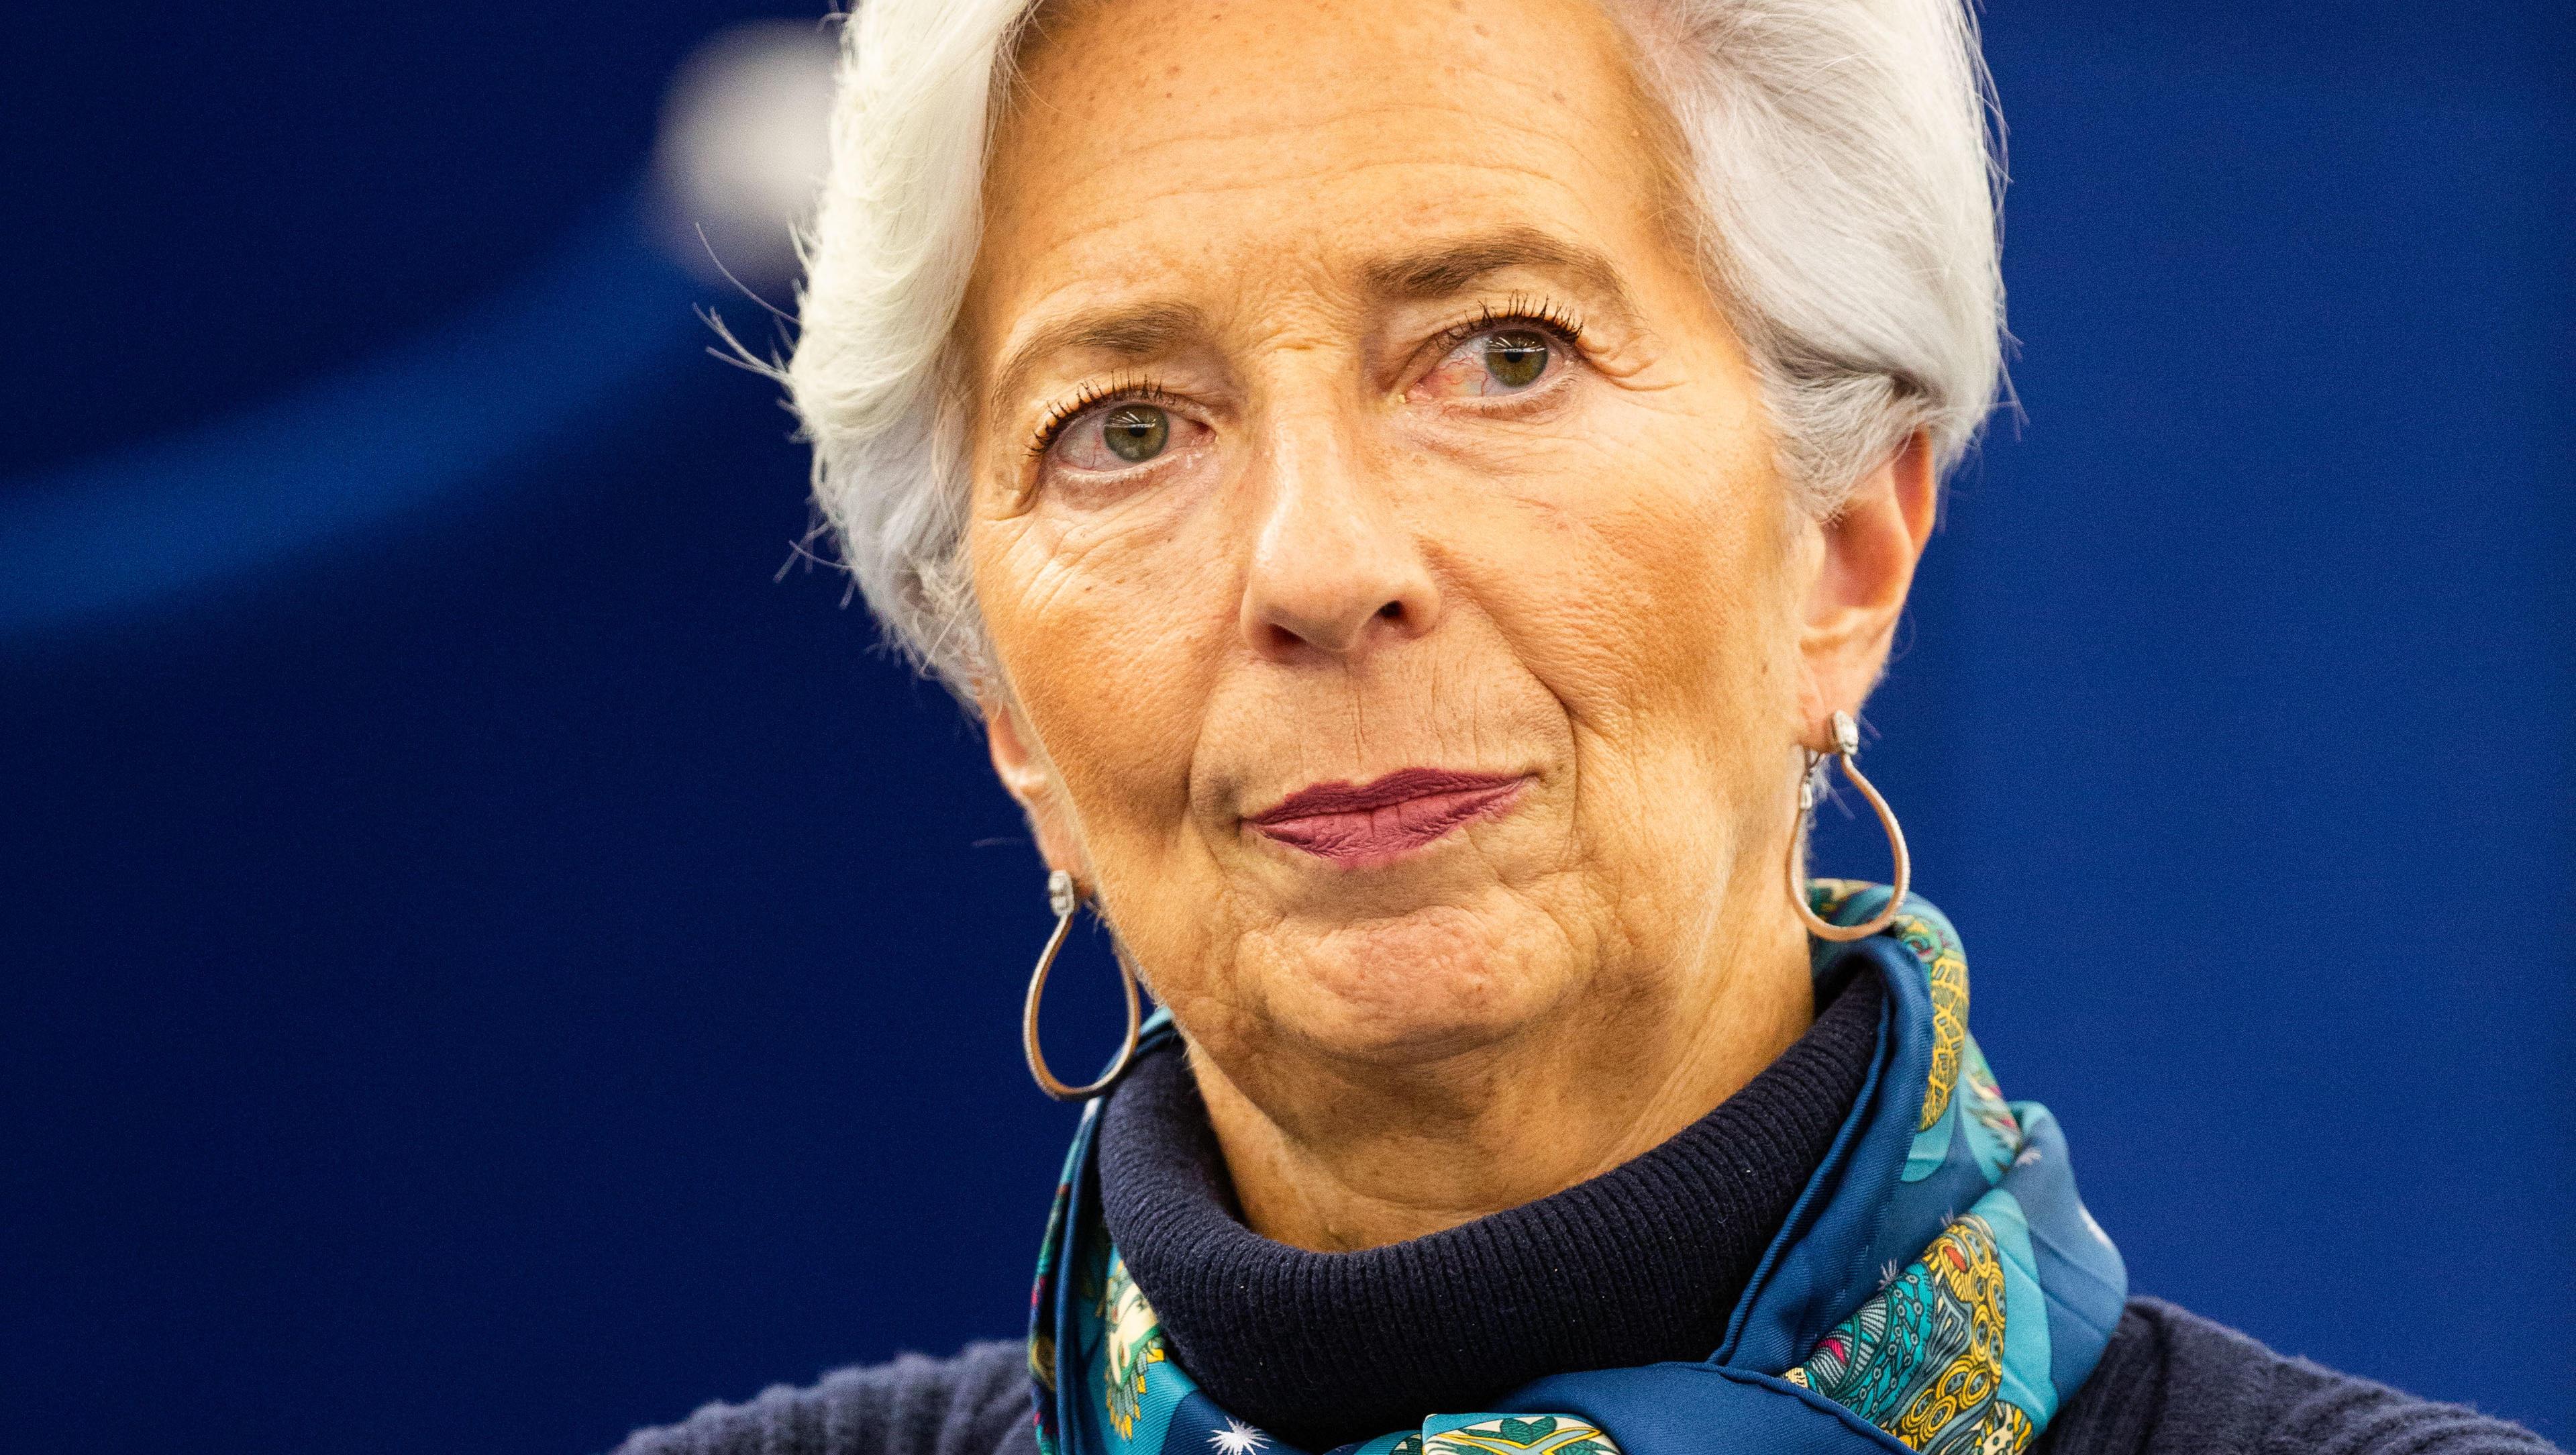 EZB druckt zusätzliche 750 Milliarden Euro für umfassende neue Anleihe-Käufe